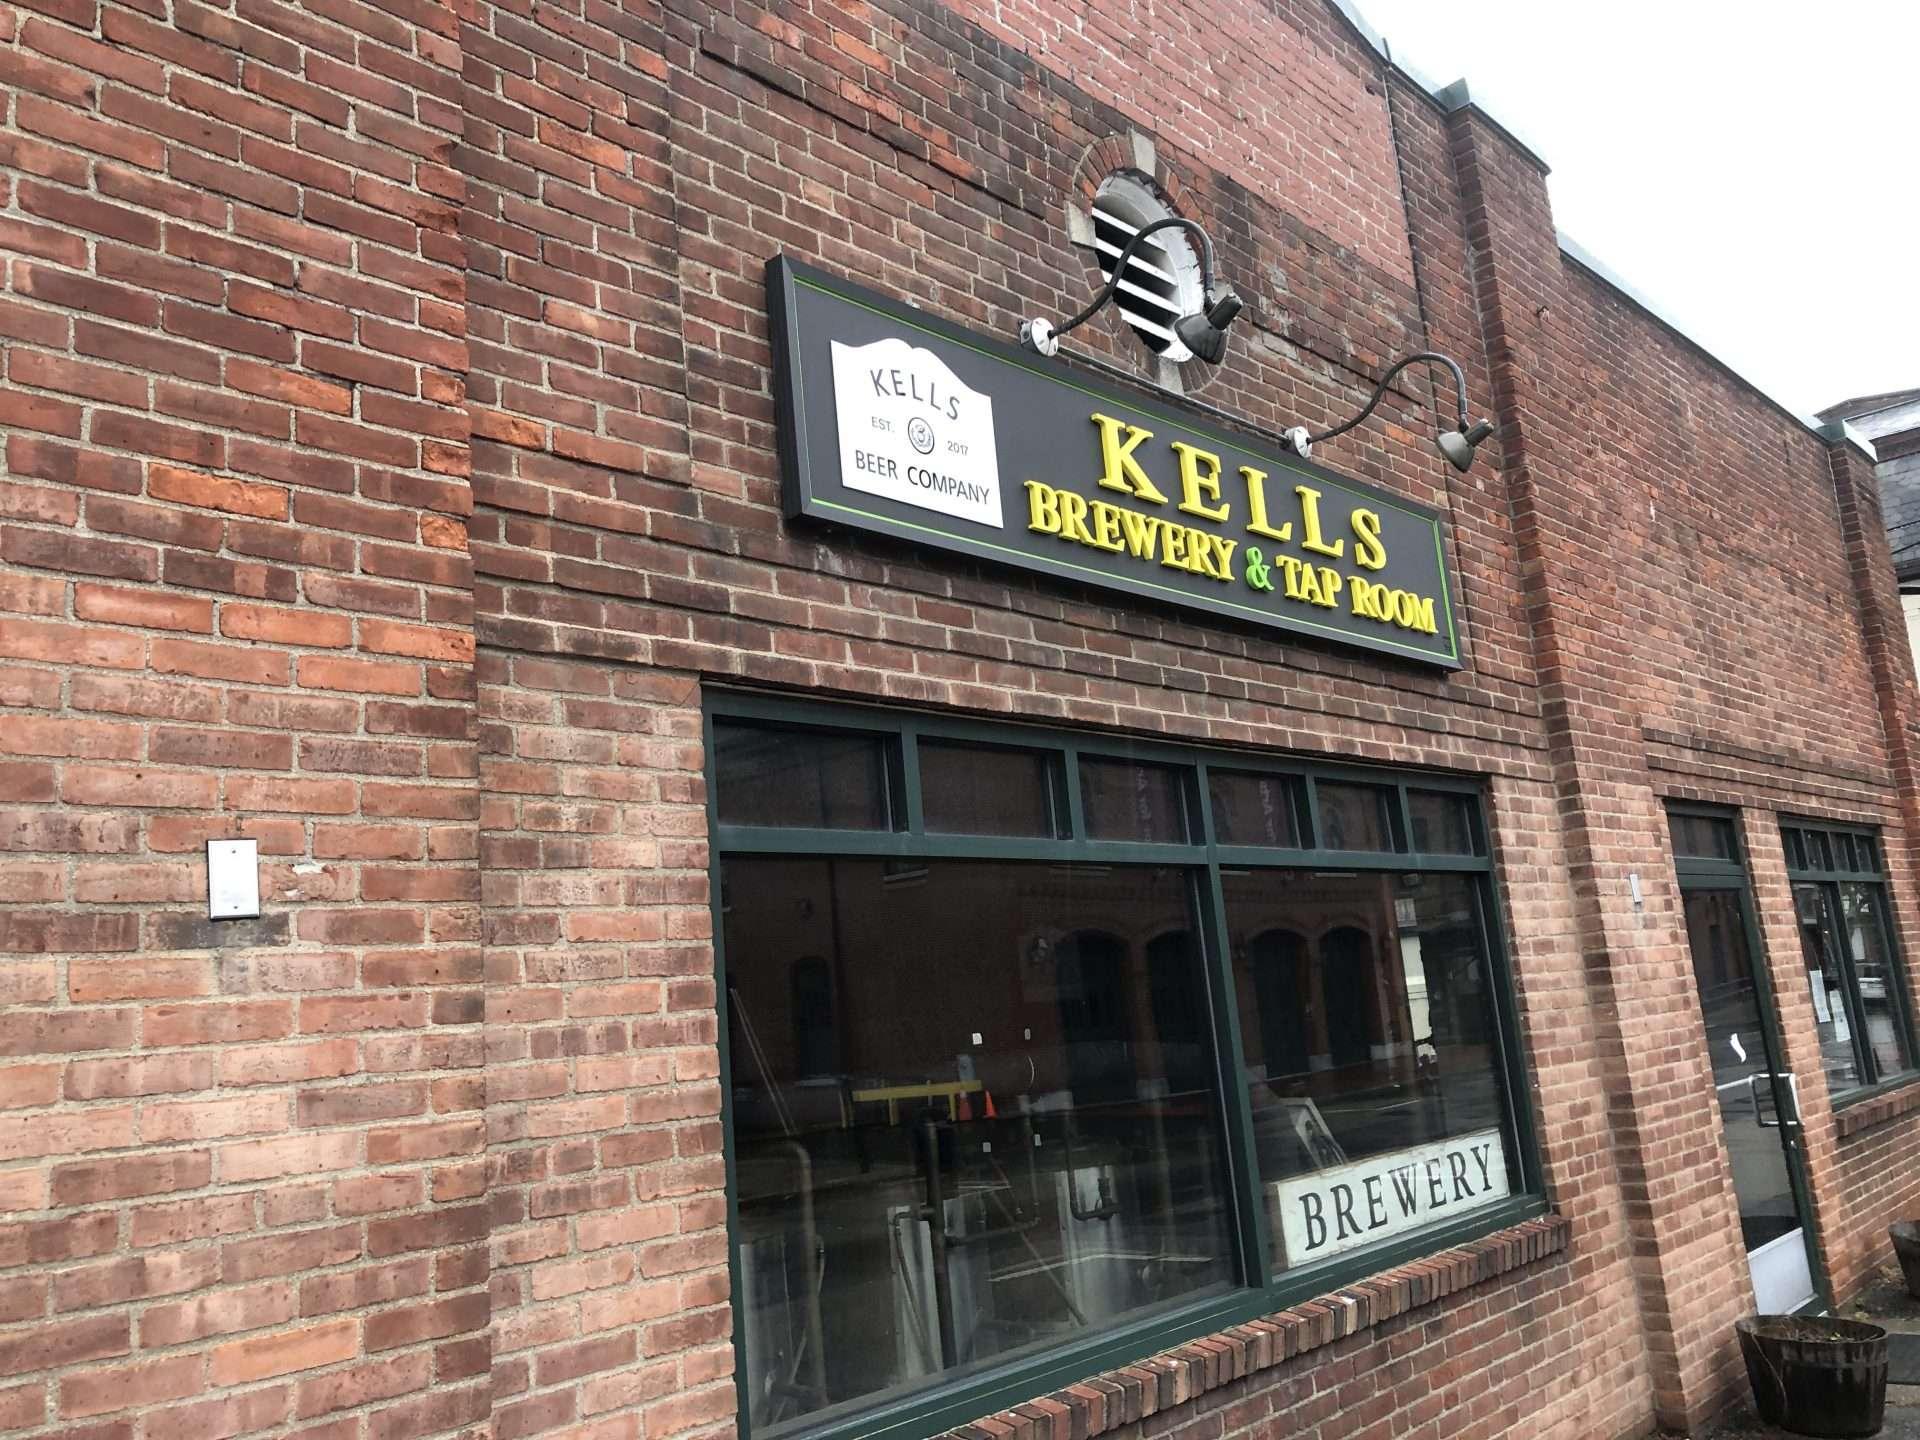 Kells brewery & tap room